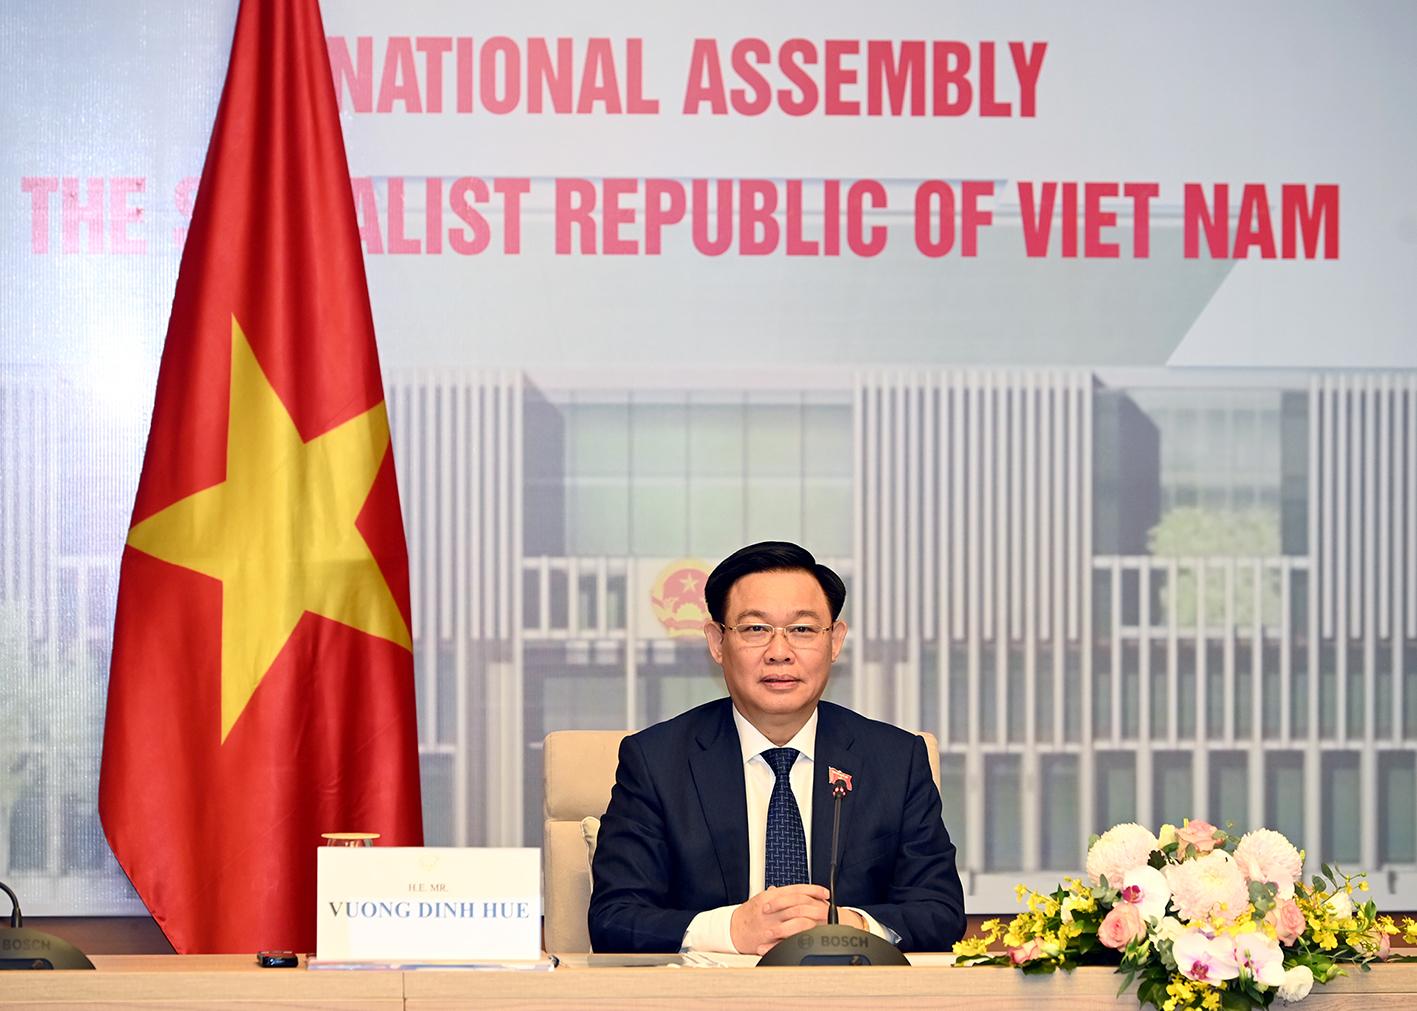 Chủ tịch Quốc hội CSVN đề nghị Trung Cộng giúp chống dịch và vaccine COVID-19